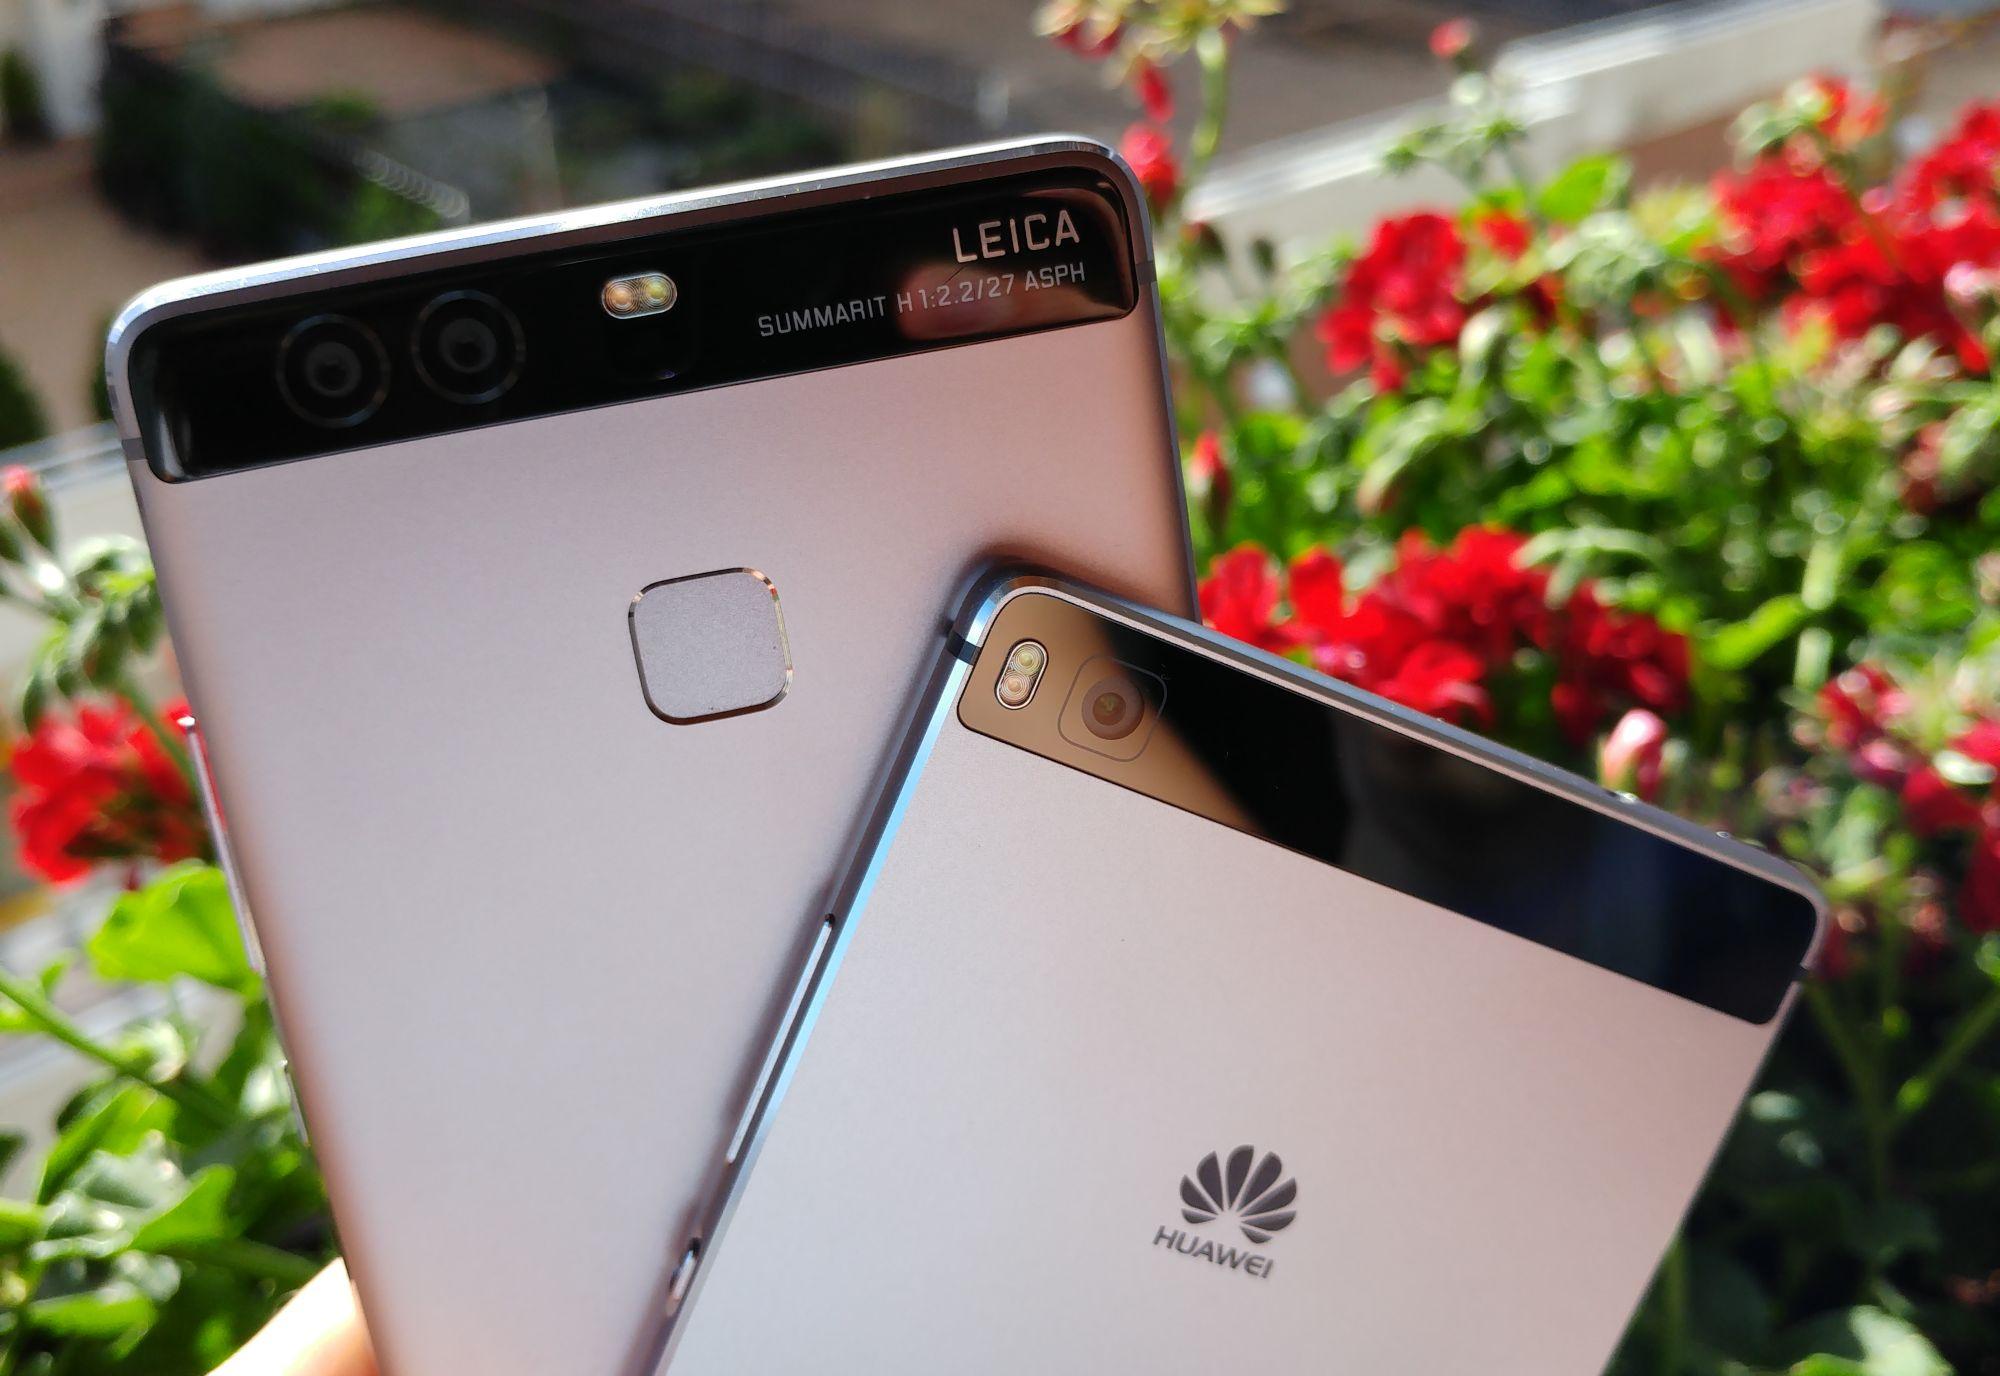 Tabletowo.pl Fotograficzne porównanie (z Budapesztem w tle): Huawei P9 vs Huawei P8 Android Huawei Porównania Smartfony